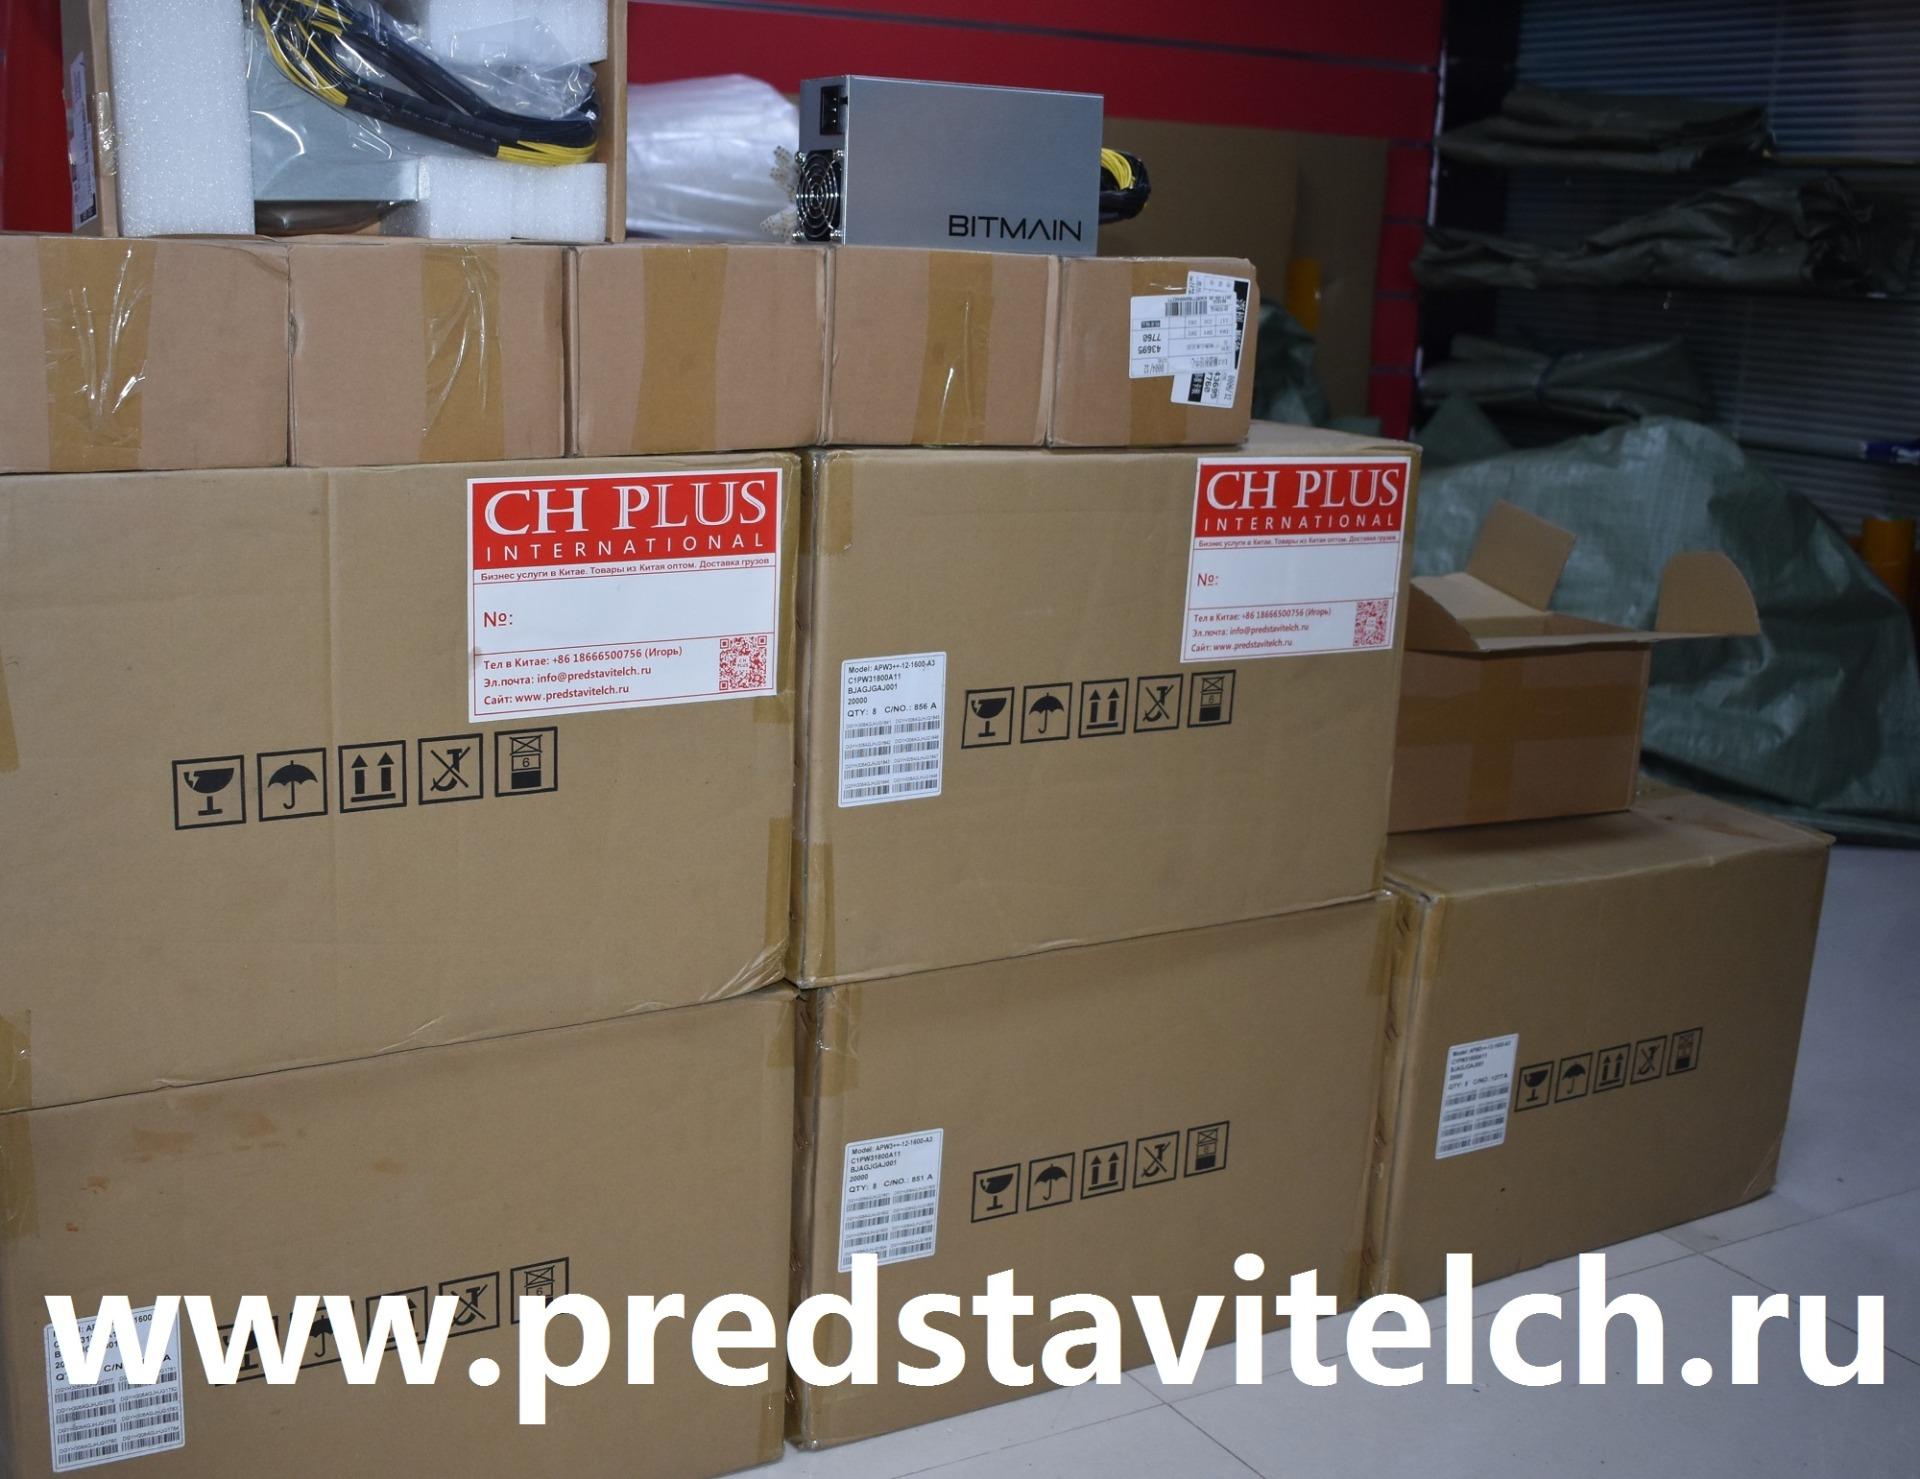 Купить Асик Майнер в Китае, Asic Miner в Гуанчжоу, D3, S9, L3+